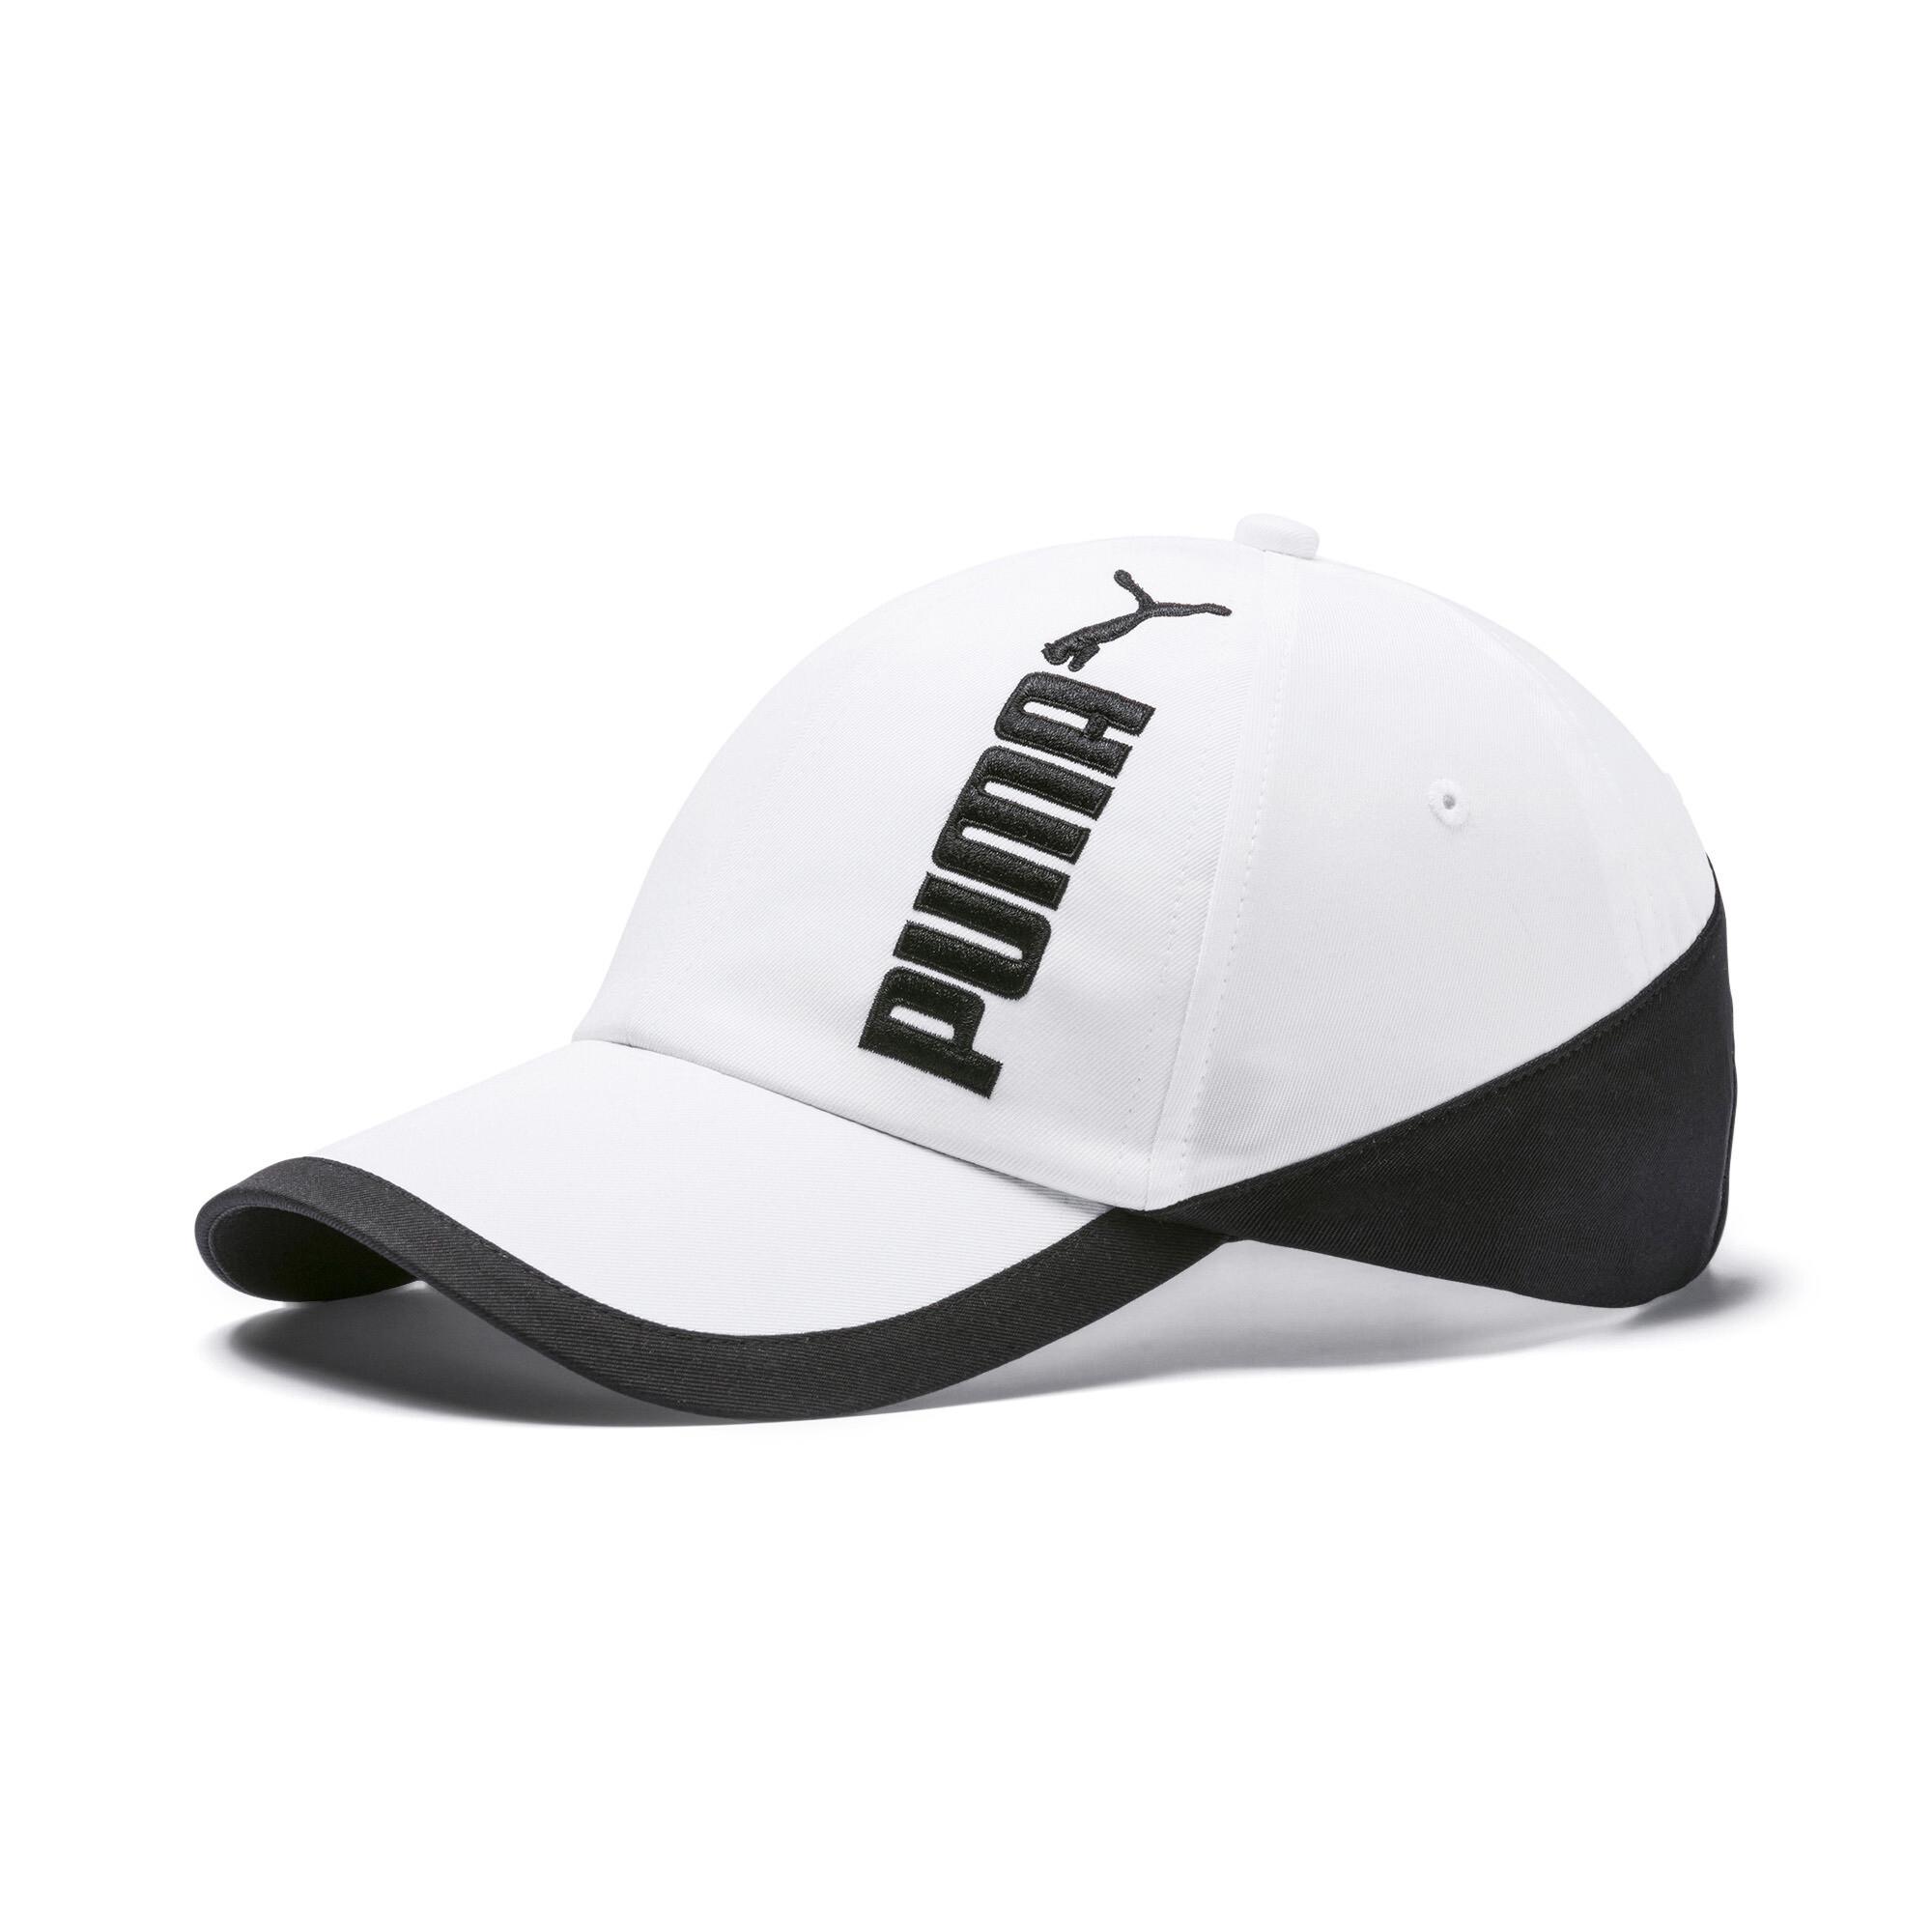 【プーマ公式通販】 プーマ プレミアム アーカイブ BB キャップ ユニセックス Puma White-Puma Black |PUMA.com